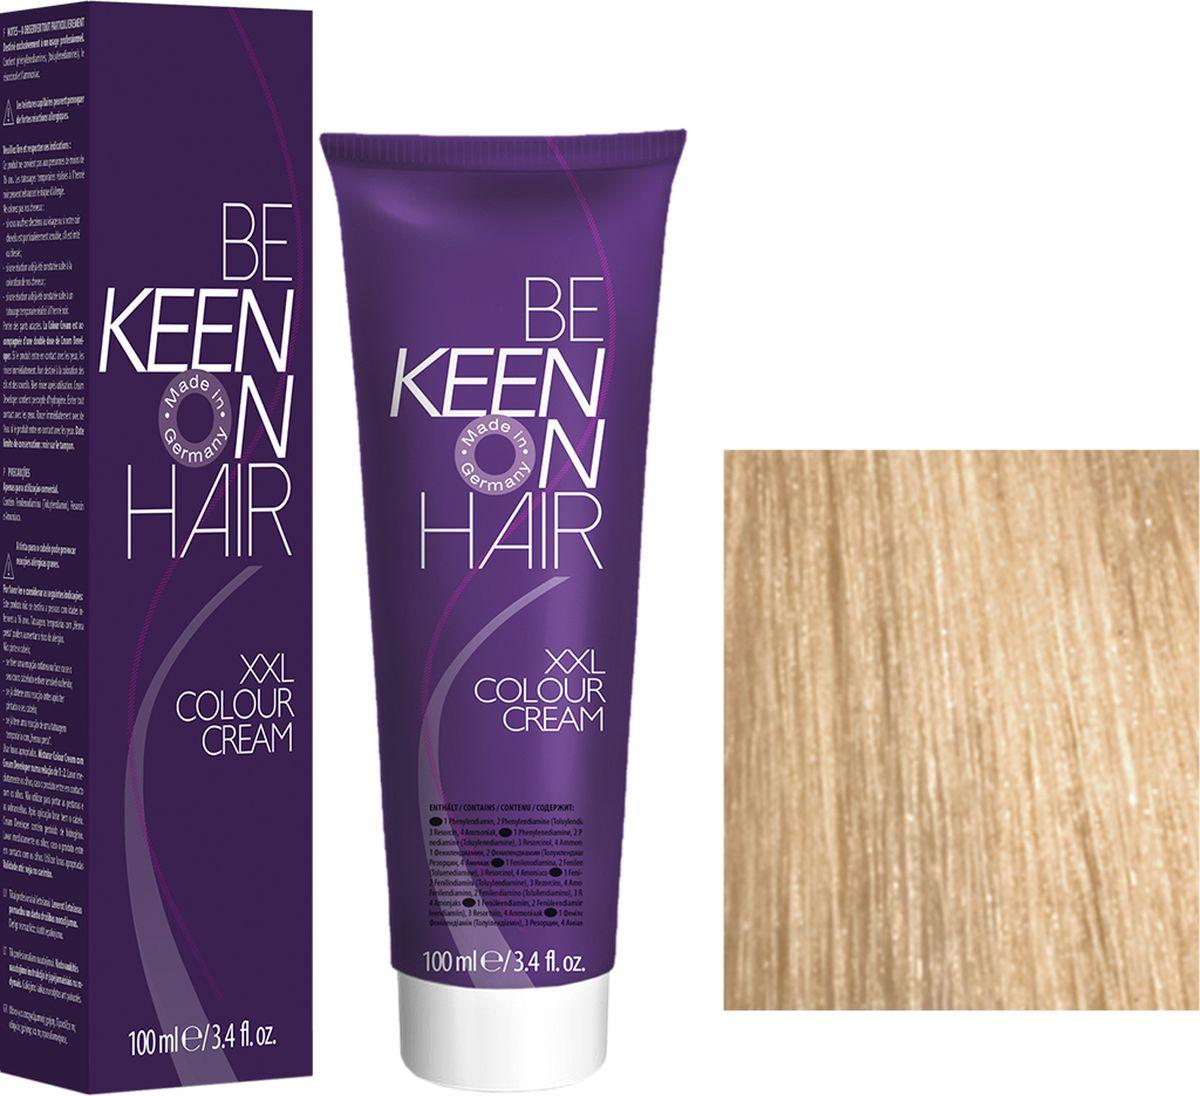 Keen Краска для волос 10.0 Ультра-светлый блондин Ultrahellblond, 100 мл69100096Модные оттенкиБолее 100 оттенков для креативной комбинации цветов.ЭкономичностьПри использовании тюбика 100 мл вы получаете оптимальное соотношение цены и качества!УходМолочный белок поддерживает структуру волоса во время окрашивания и придает волосам блеск и шелковистость. Протеины хорошо встраиваются в волосы и снабжают их влагой.